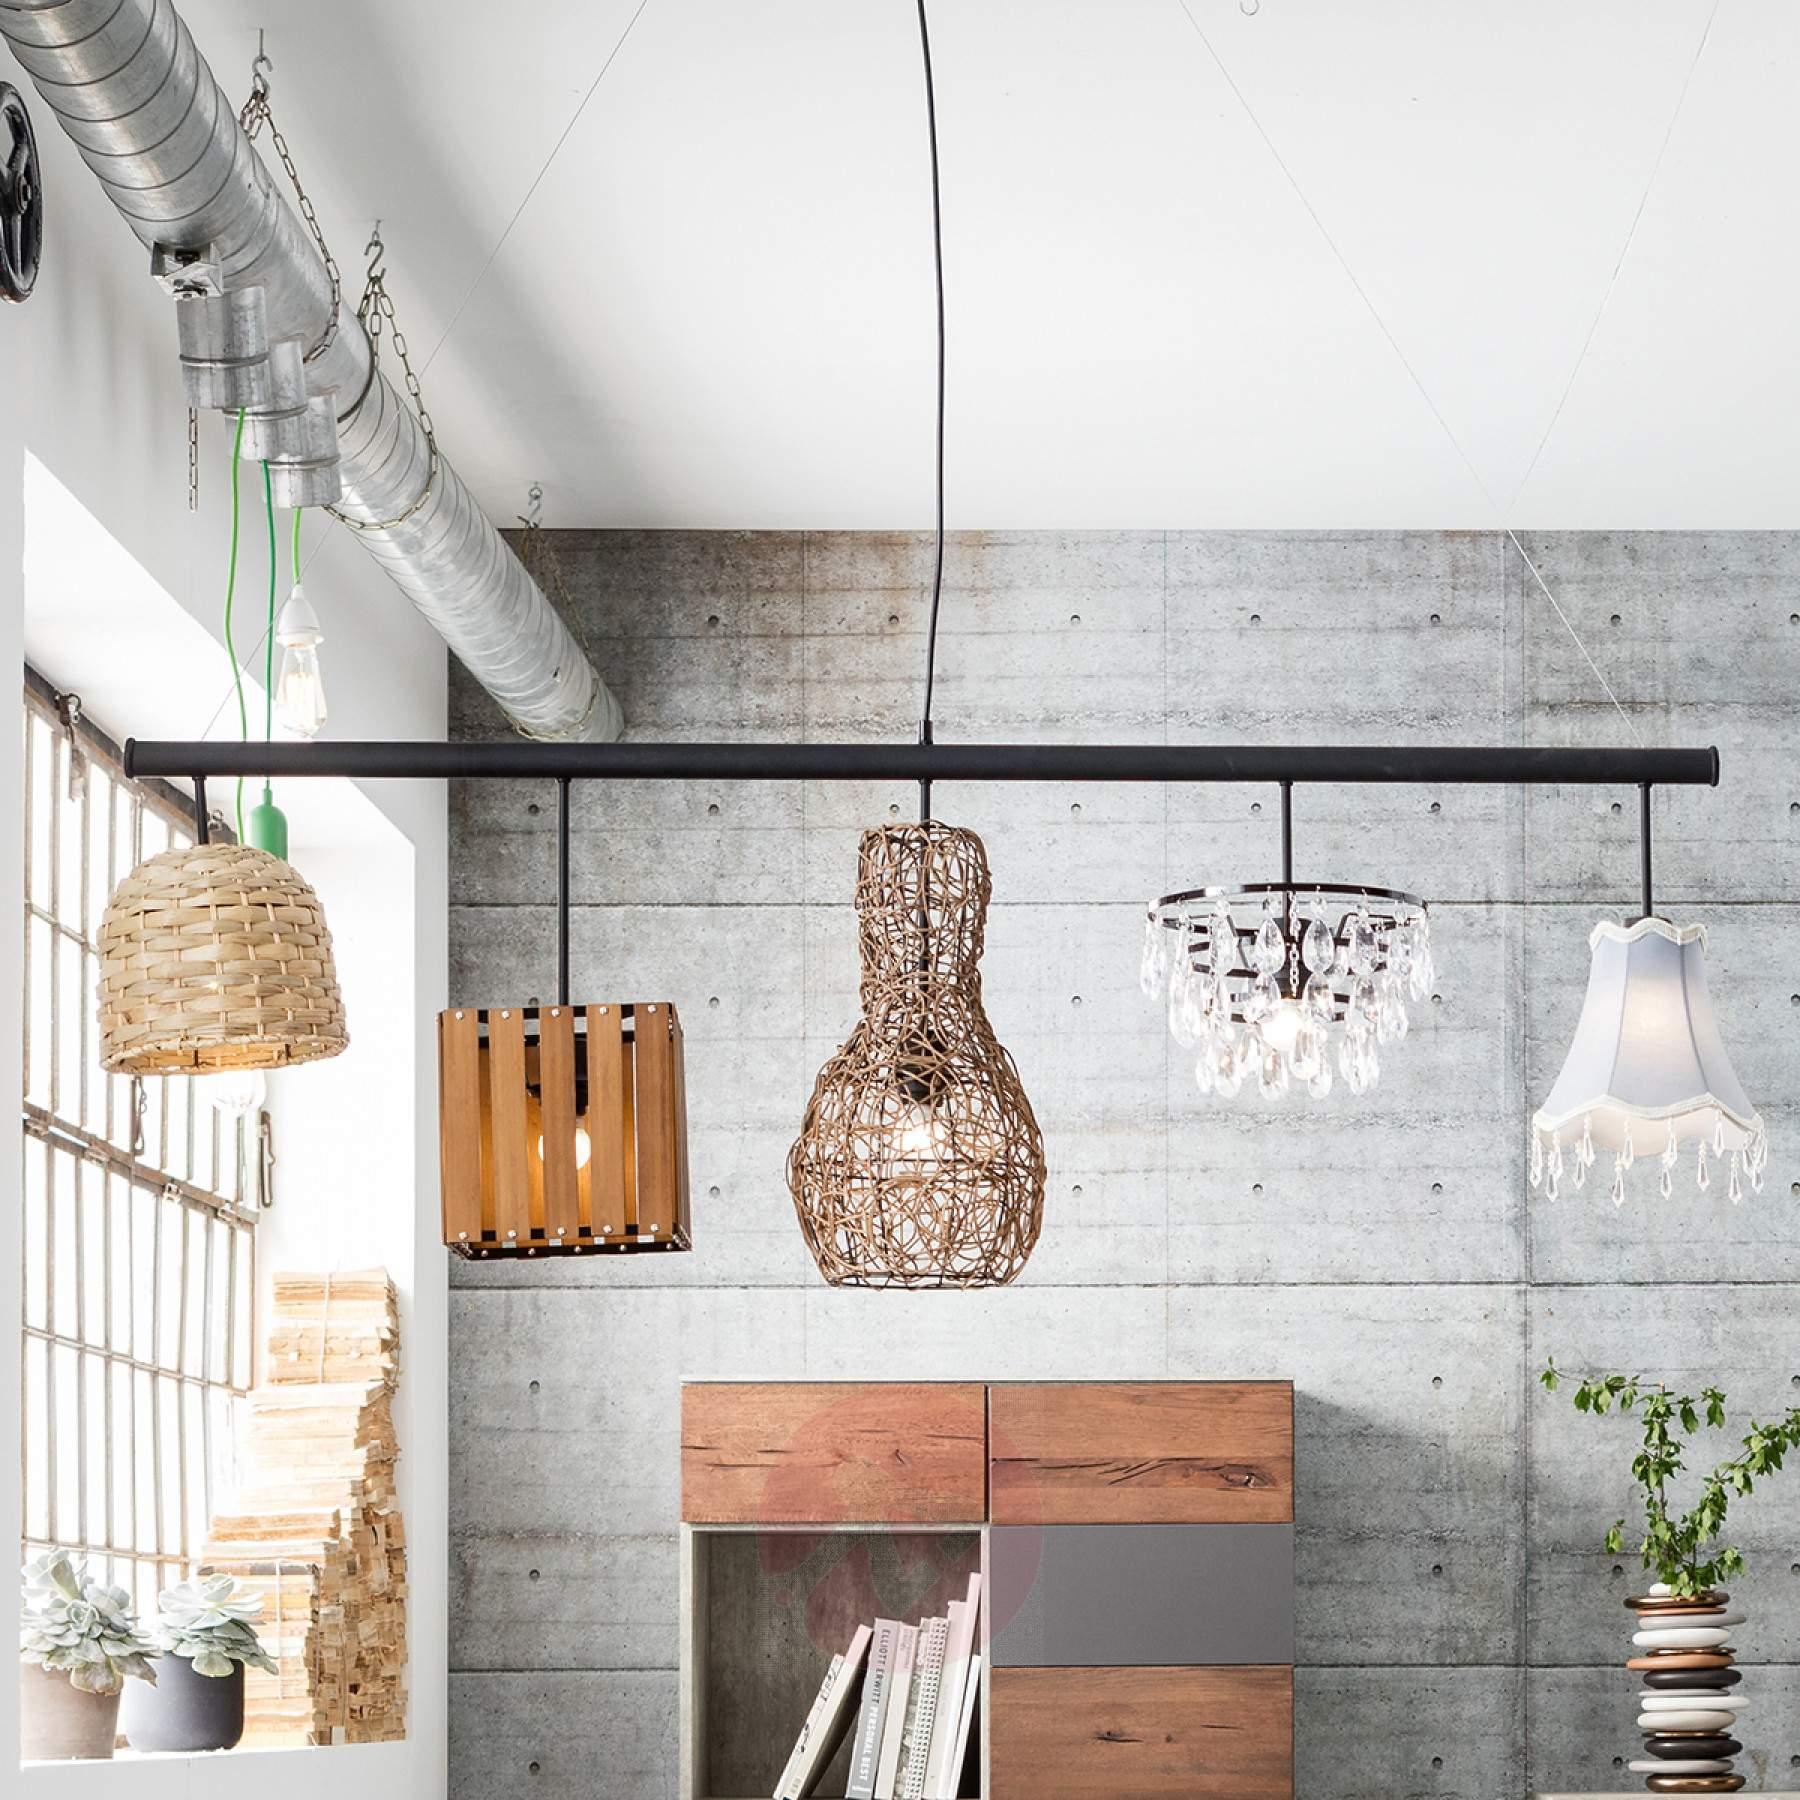 Full Size of Lampe über Kochinsel Kare Parecchi Art House Balkenpendelleuchte Kaufen Lampenweltde Deckenlampen Wohnzimmer Modern Stehlampe Gartenüberdachung Bogenlampe Wohnzimmer Lampe über Kochinsel